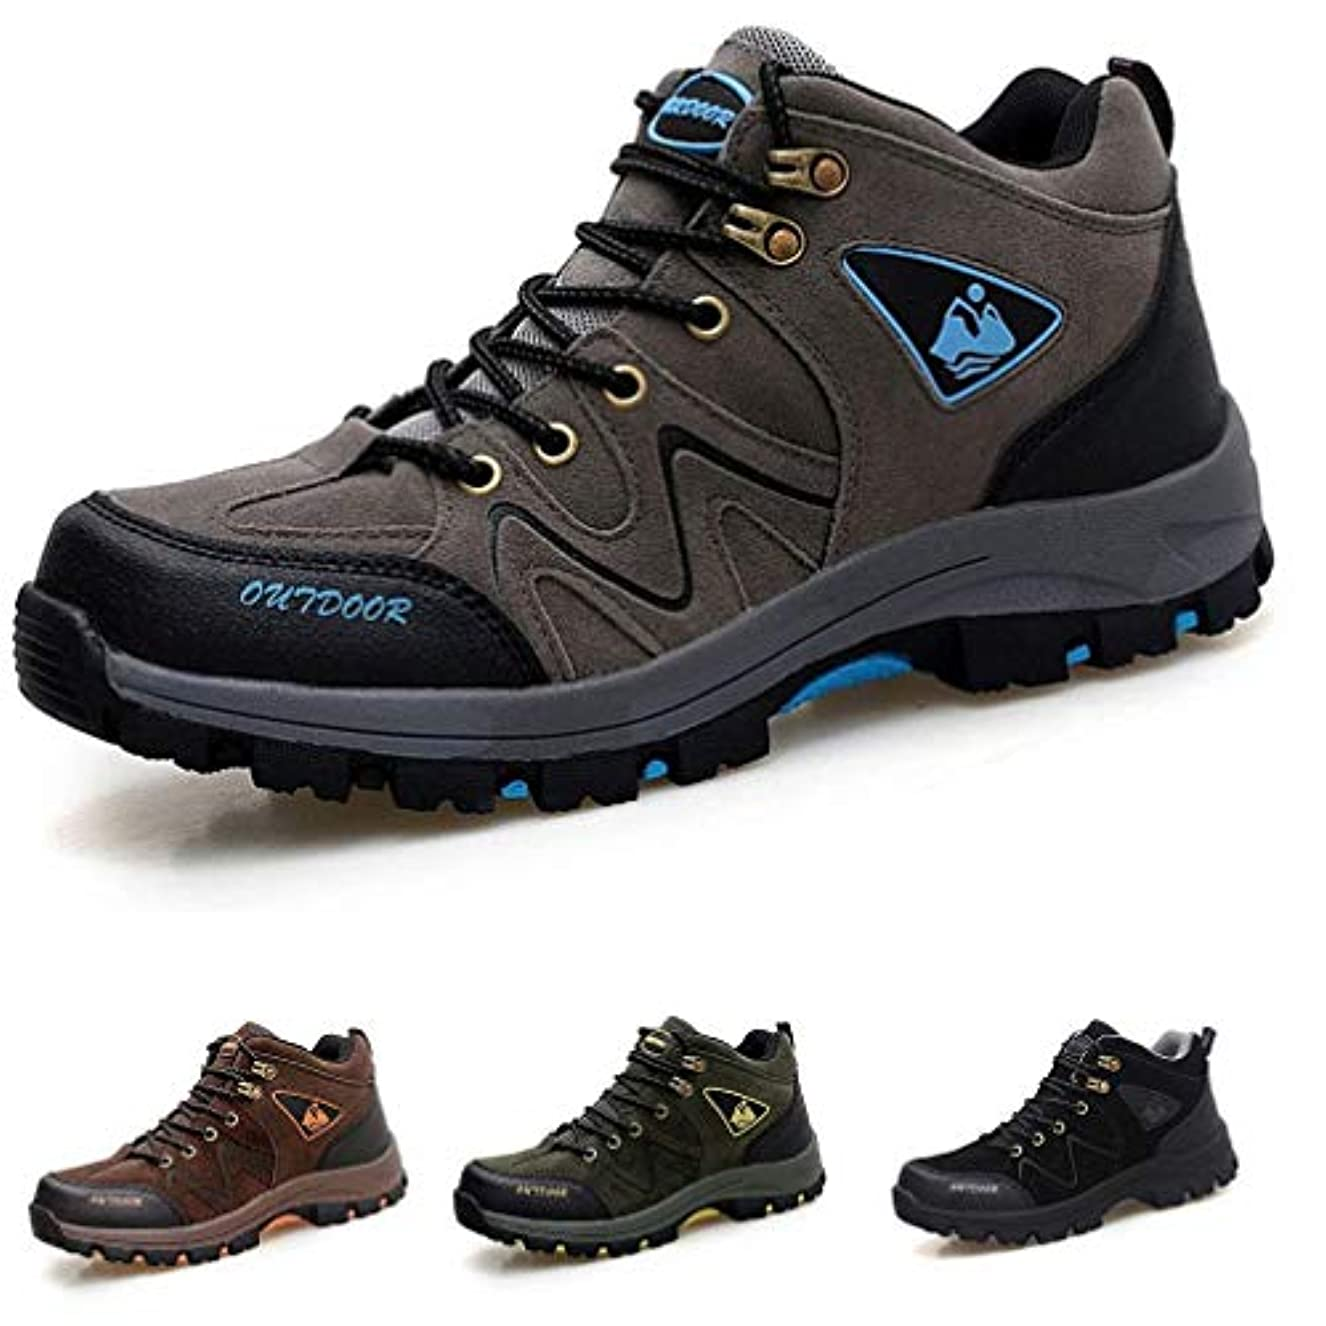 知的の中で不安定[RDGO] メンズ ハイキングシューズ トレッキングブーツ 登山靴 アウトドアシューズ 防滑 牛革 ローカット ウォーキングシューズ 防水 大きいサイズ 幅広 スニーカー